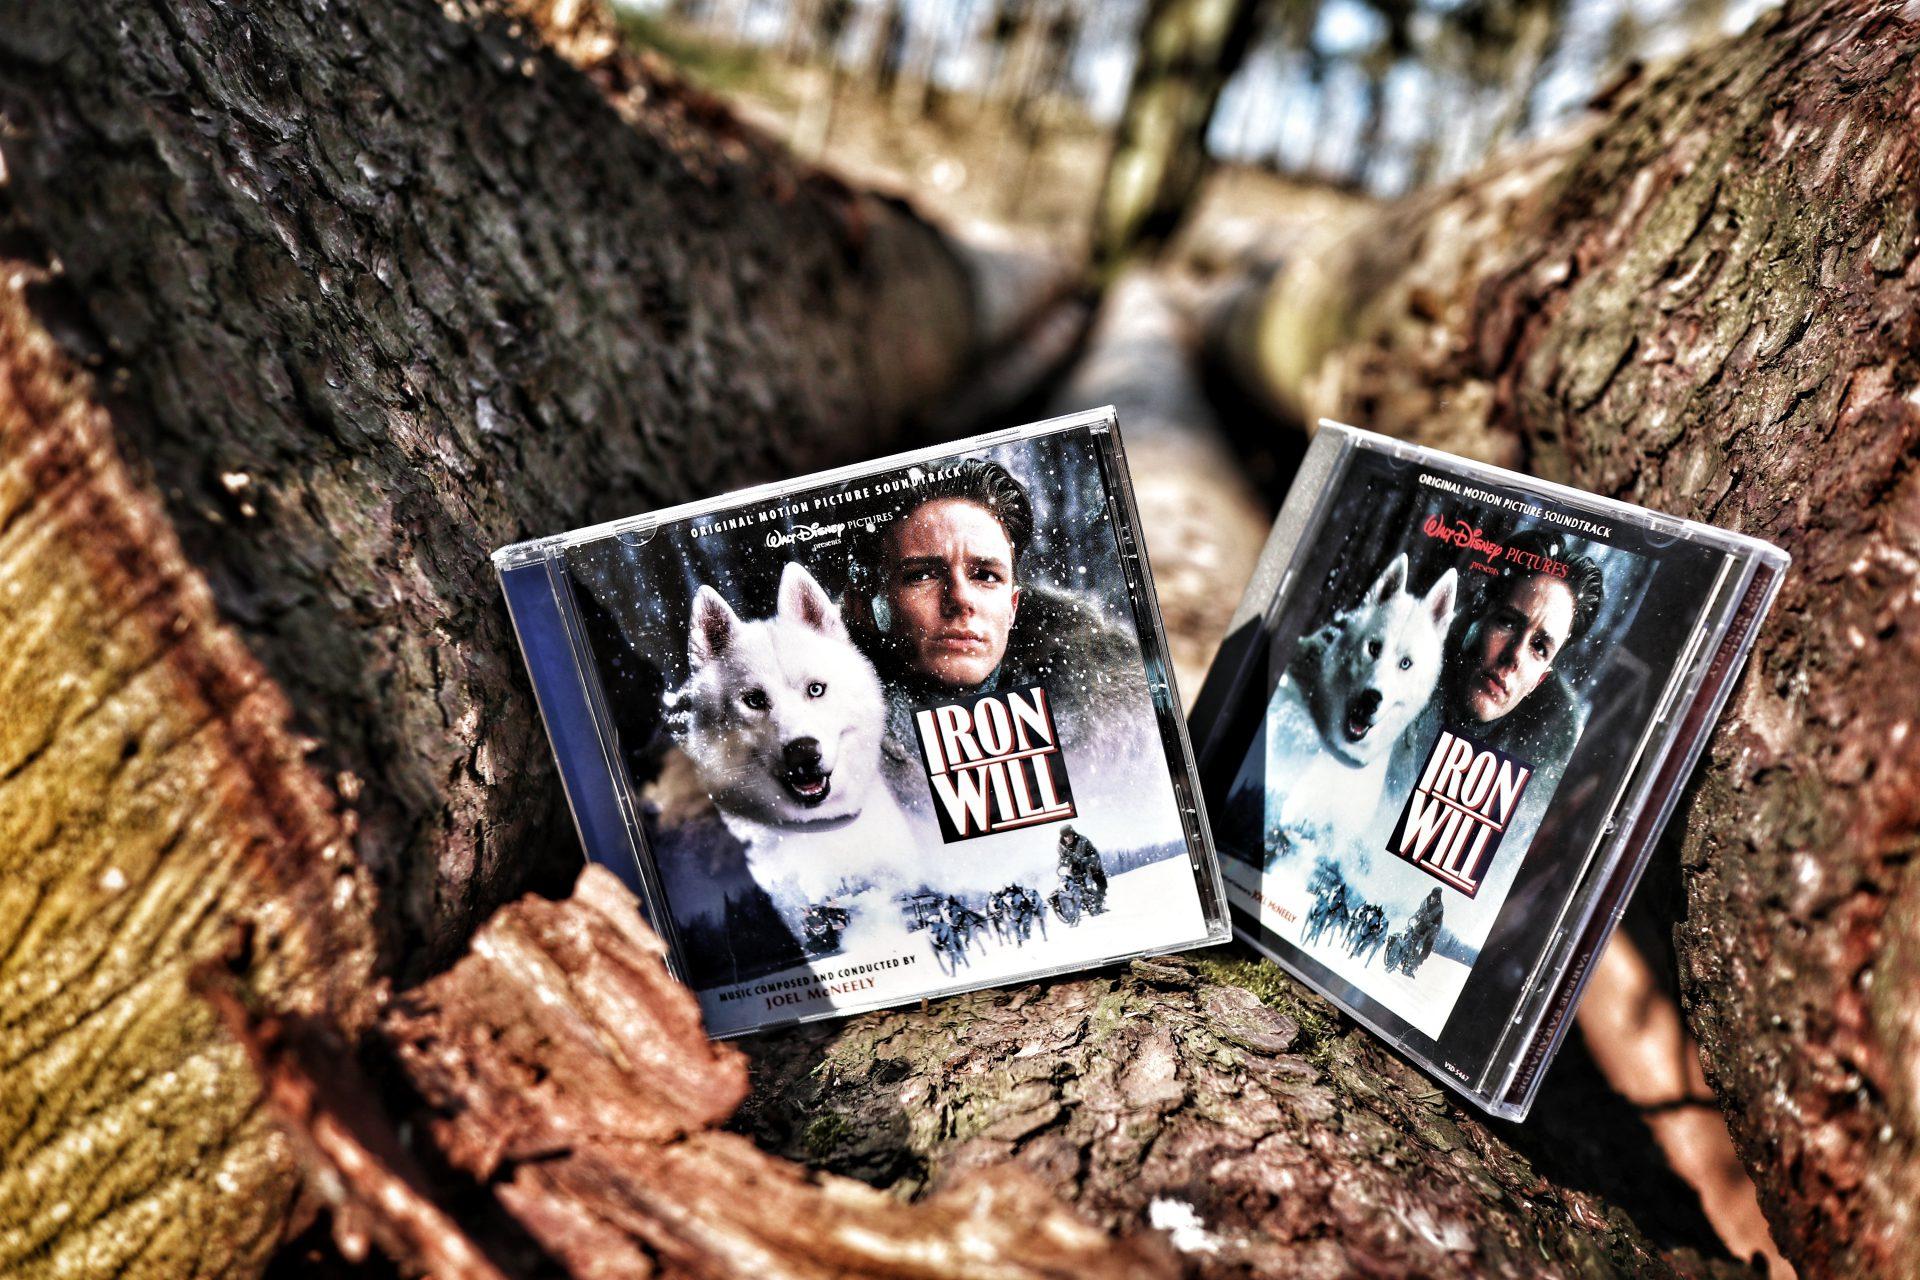 Iron Will: Film hören statt sehen